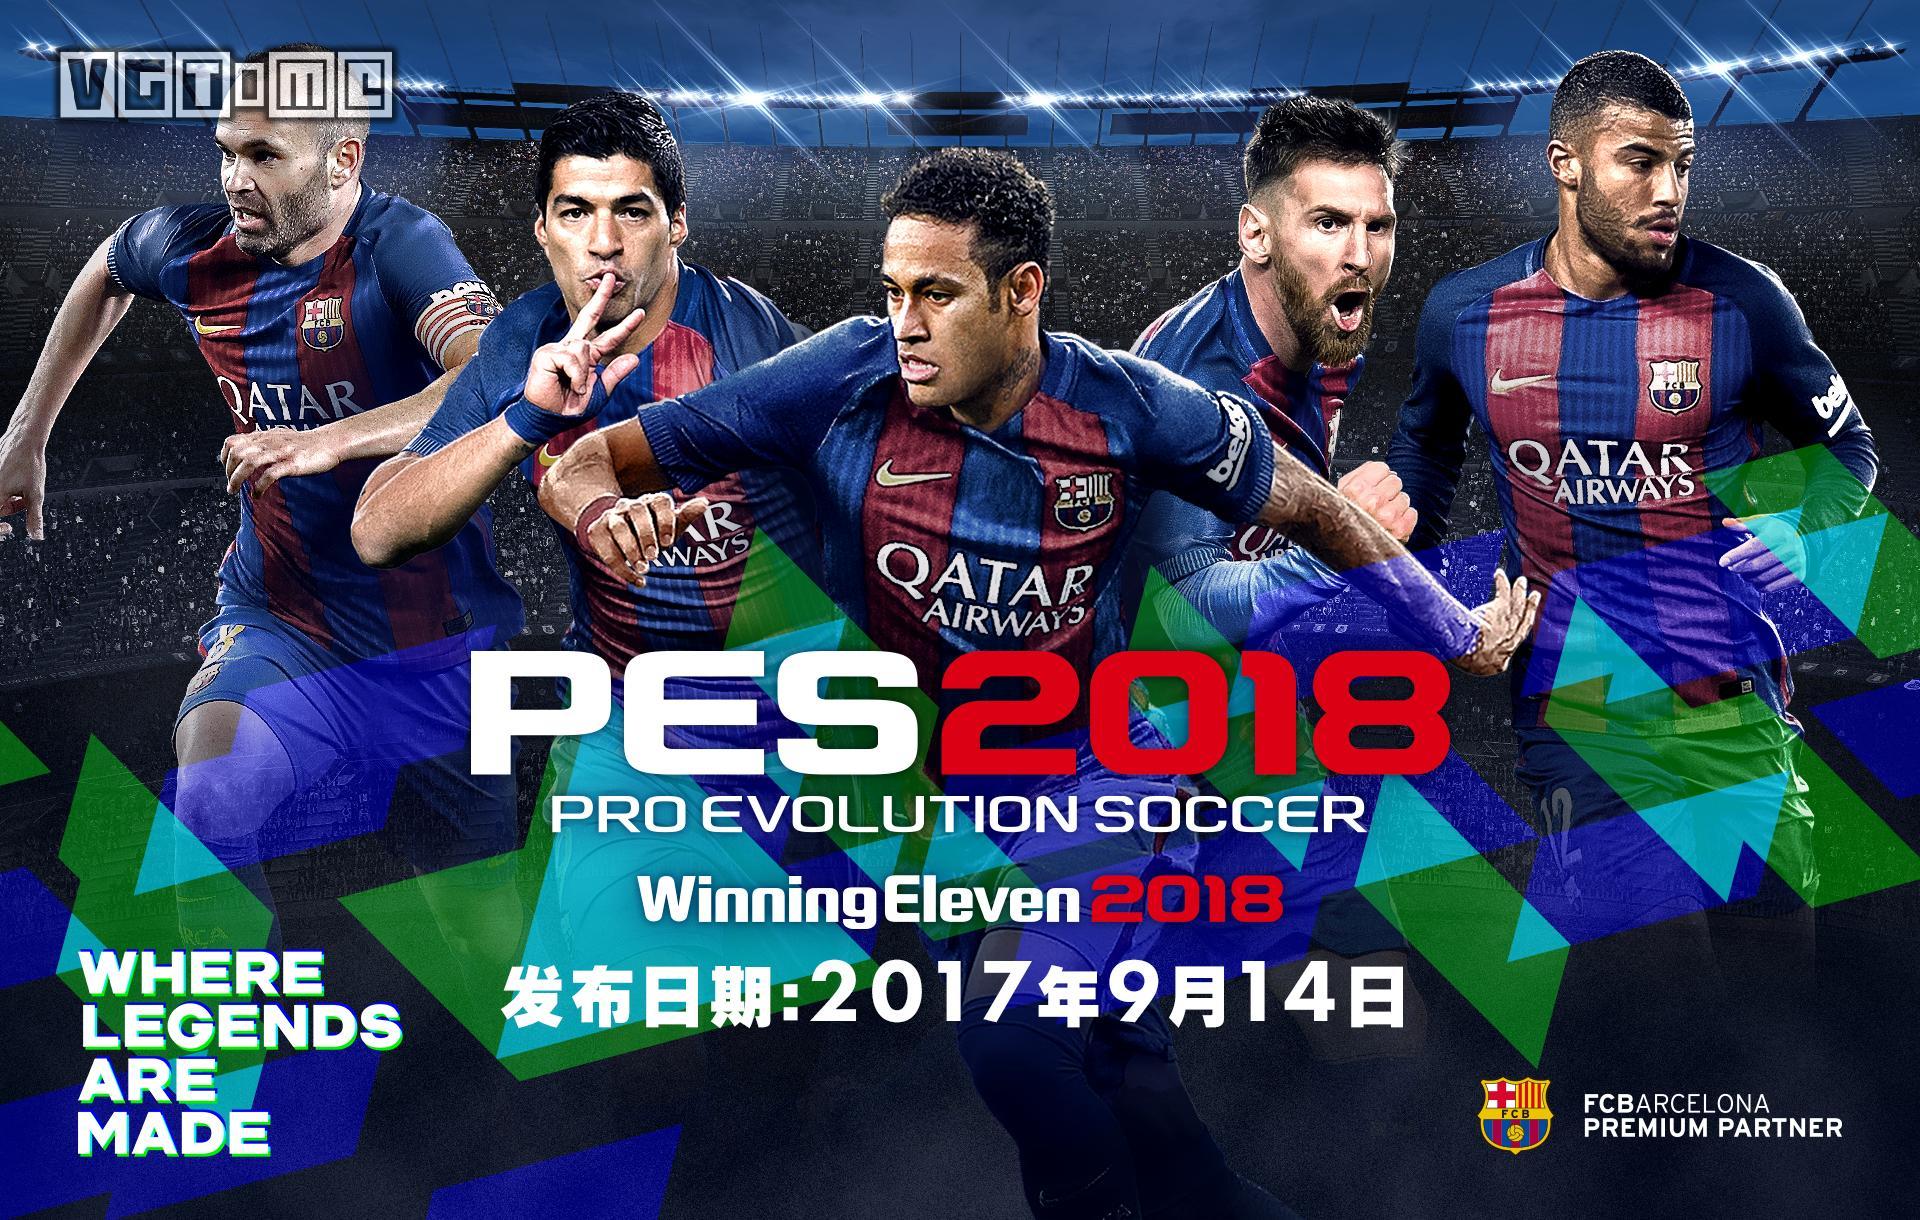 实况足球2018_实况足球2018中文官网上线 更多详情公布